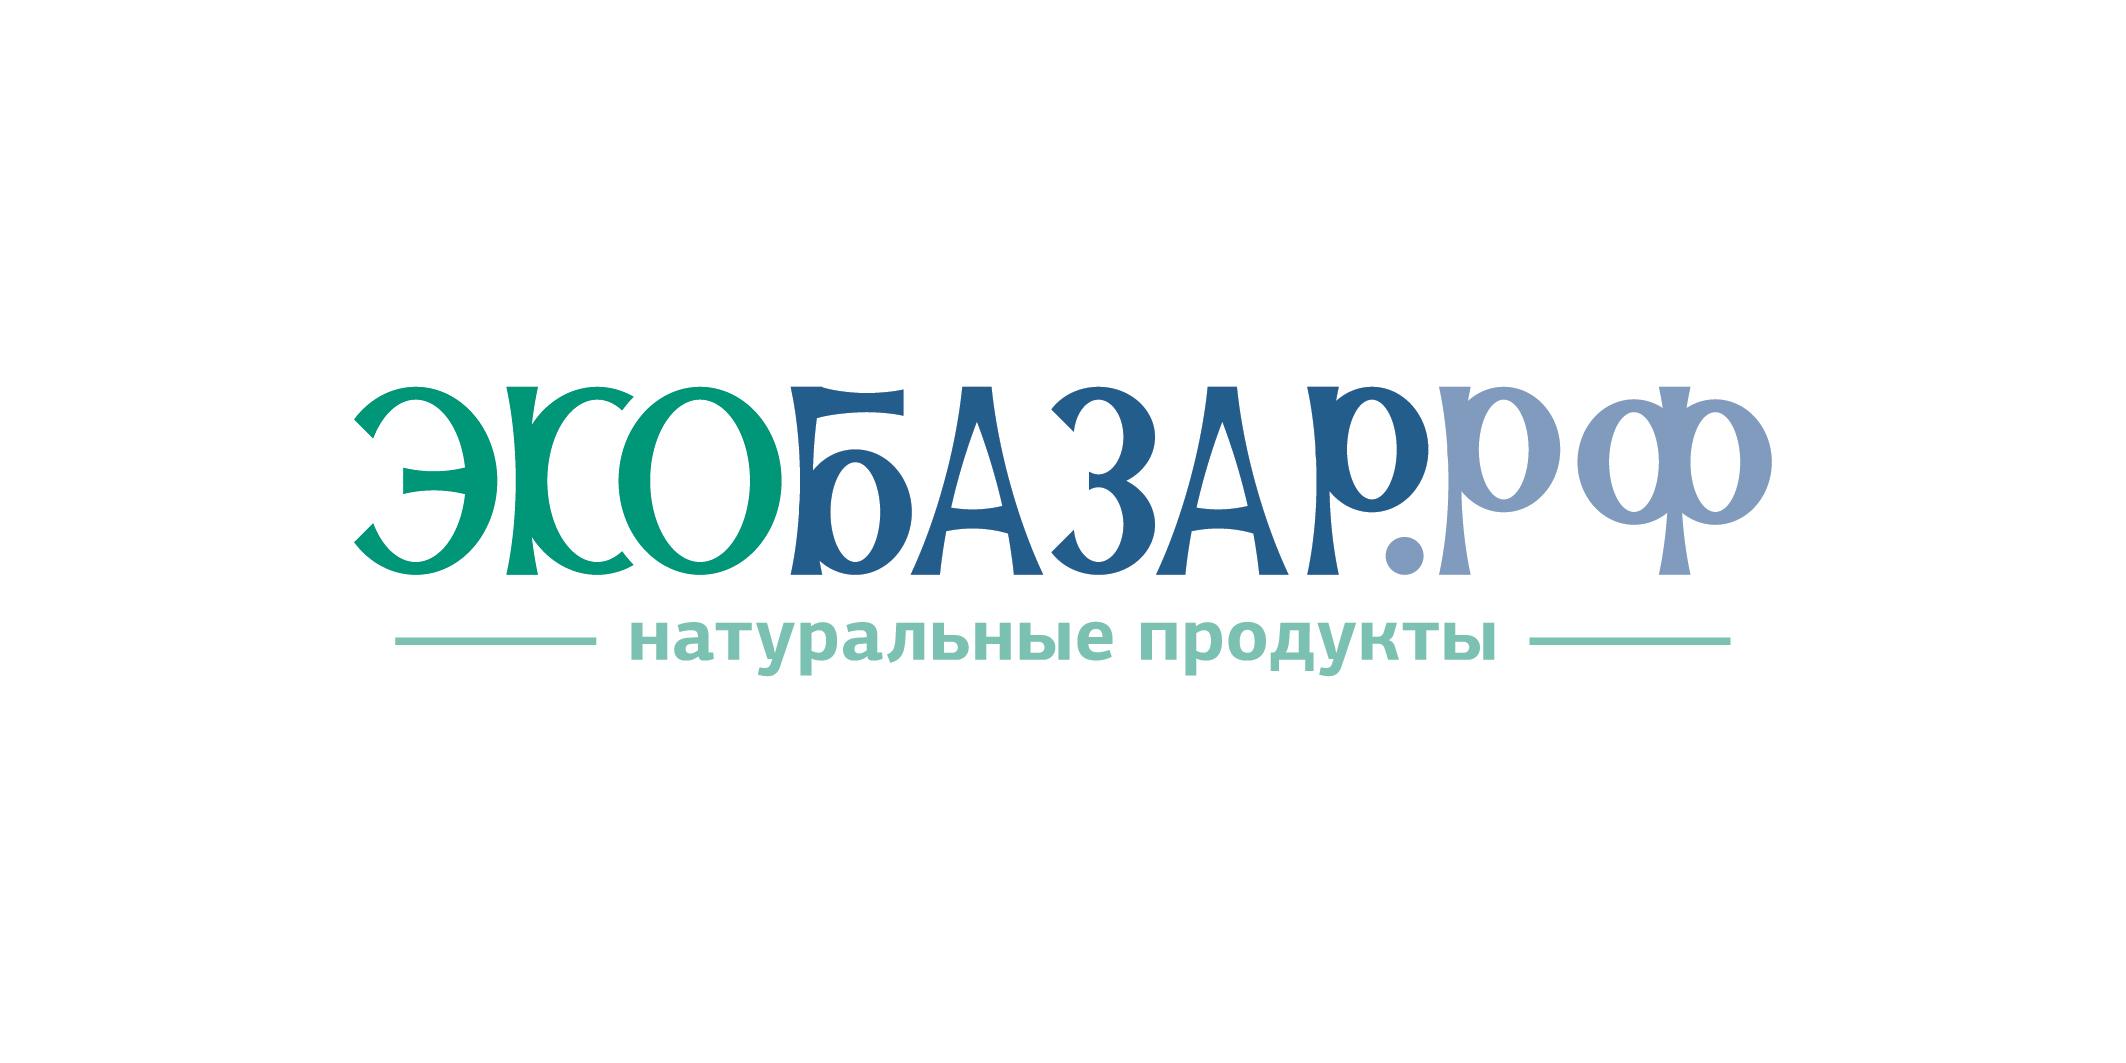 Логотип компании натуральных (фермерских) продуктов фото f_713593fdba9bc1bd.jpg